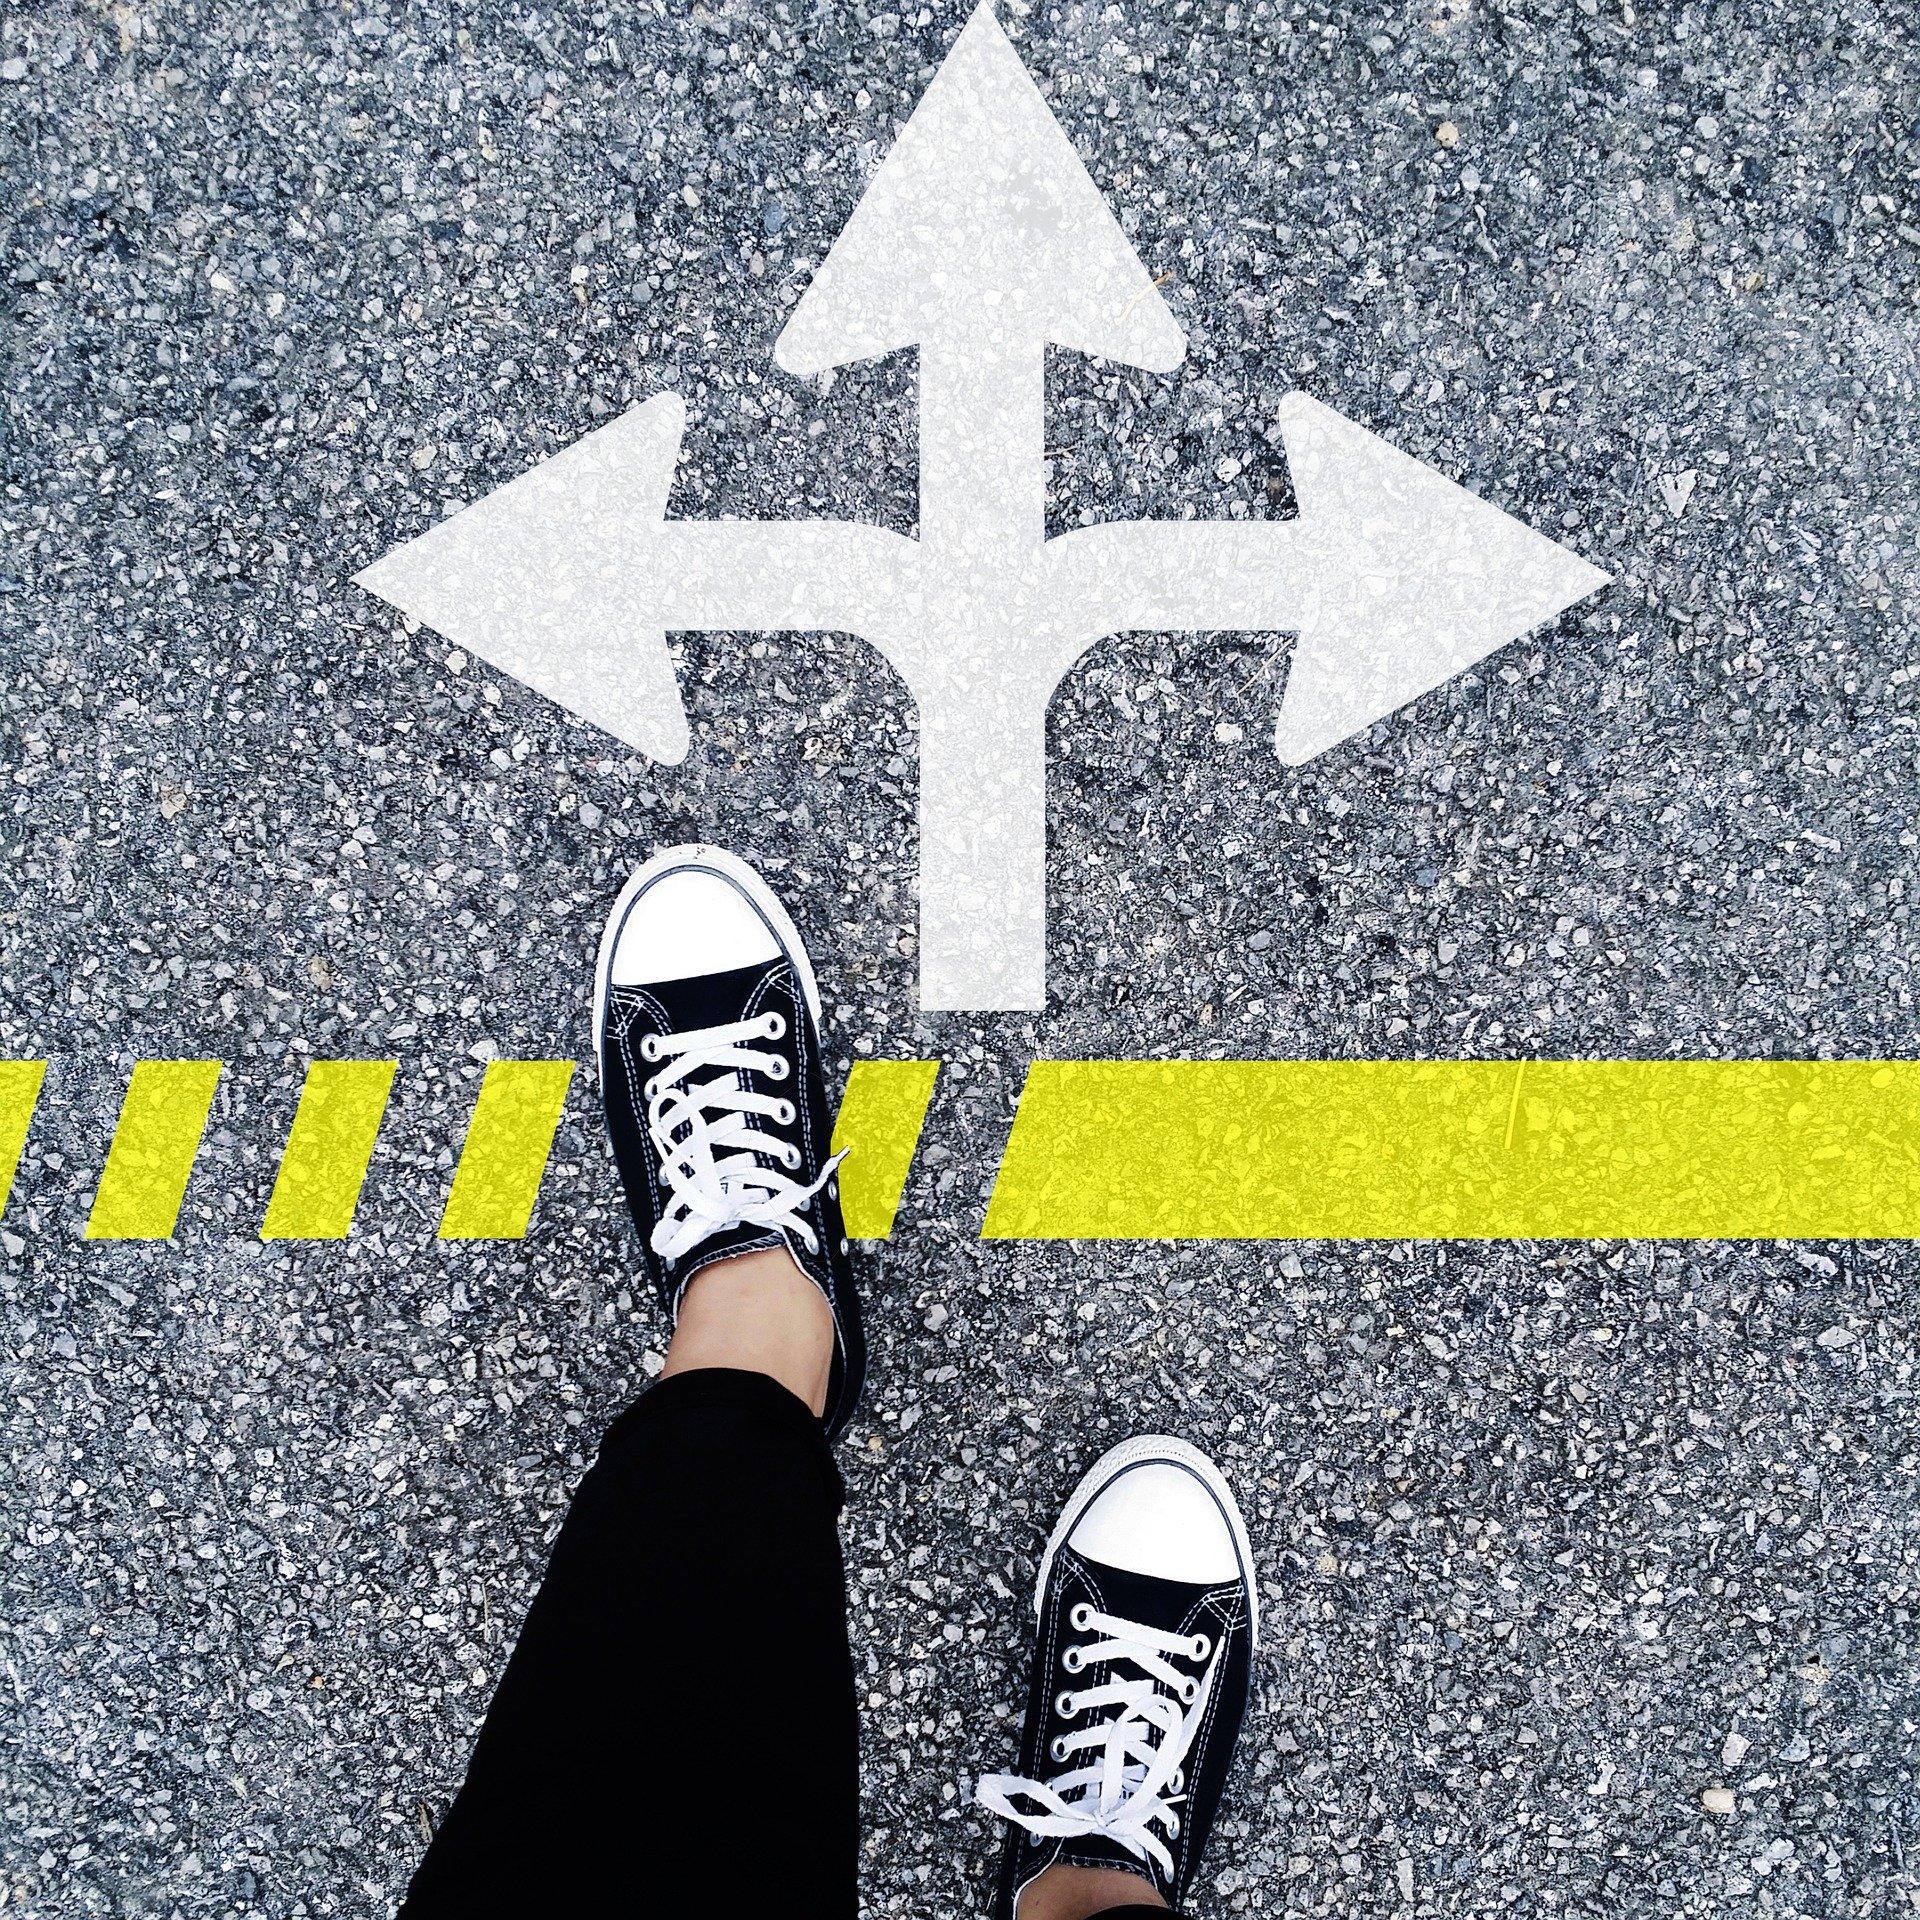 carreira, escolha de carreira, escolha de profissão, escolha de caminho